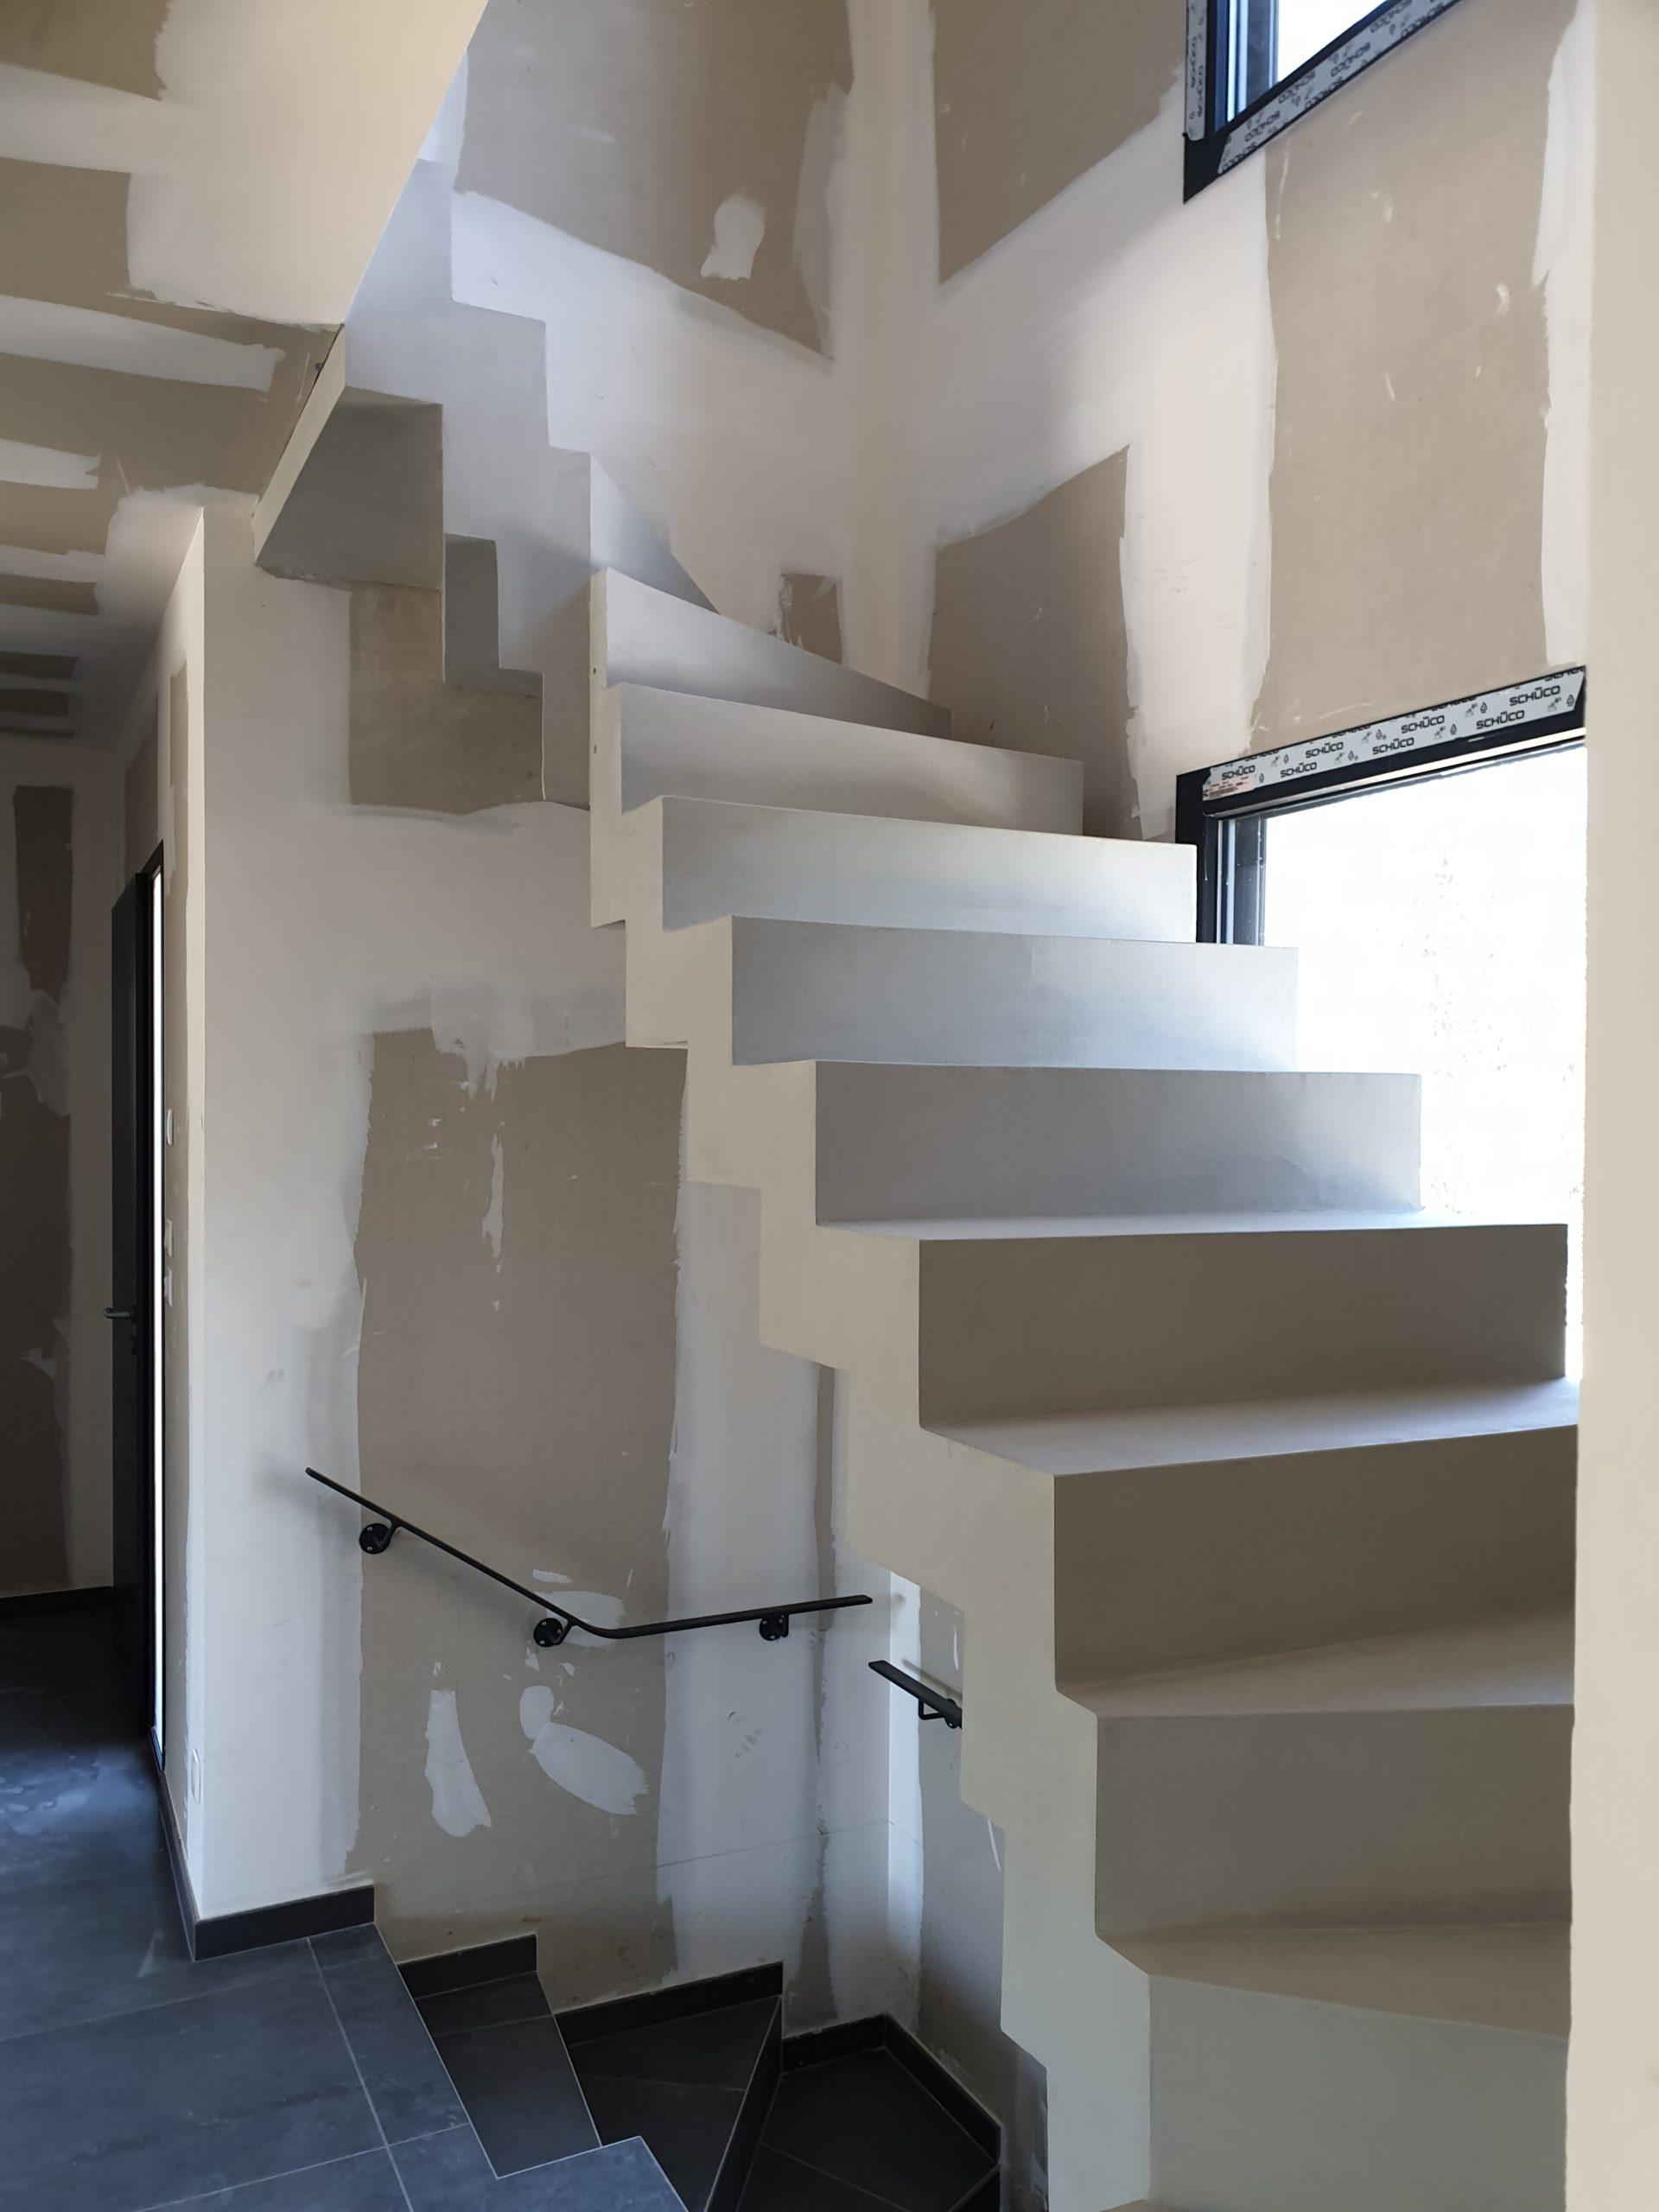 Cet escalier est au dessus d'un autre escalier avec une trémie en rectangle